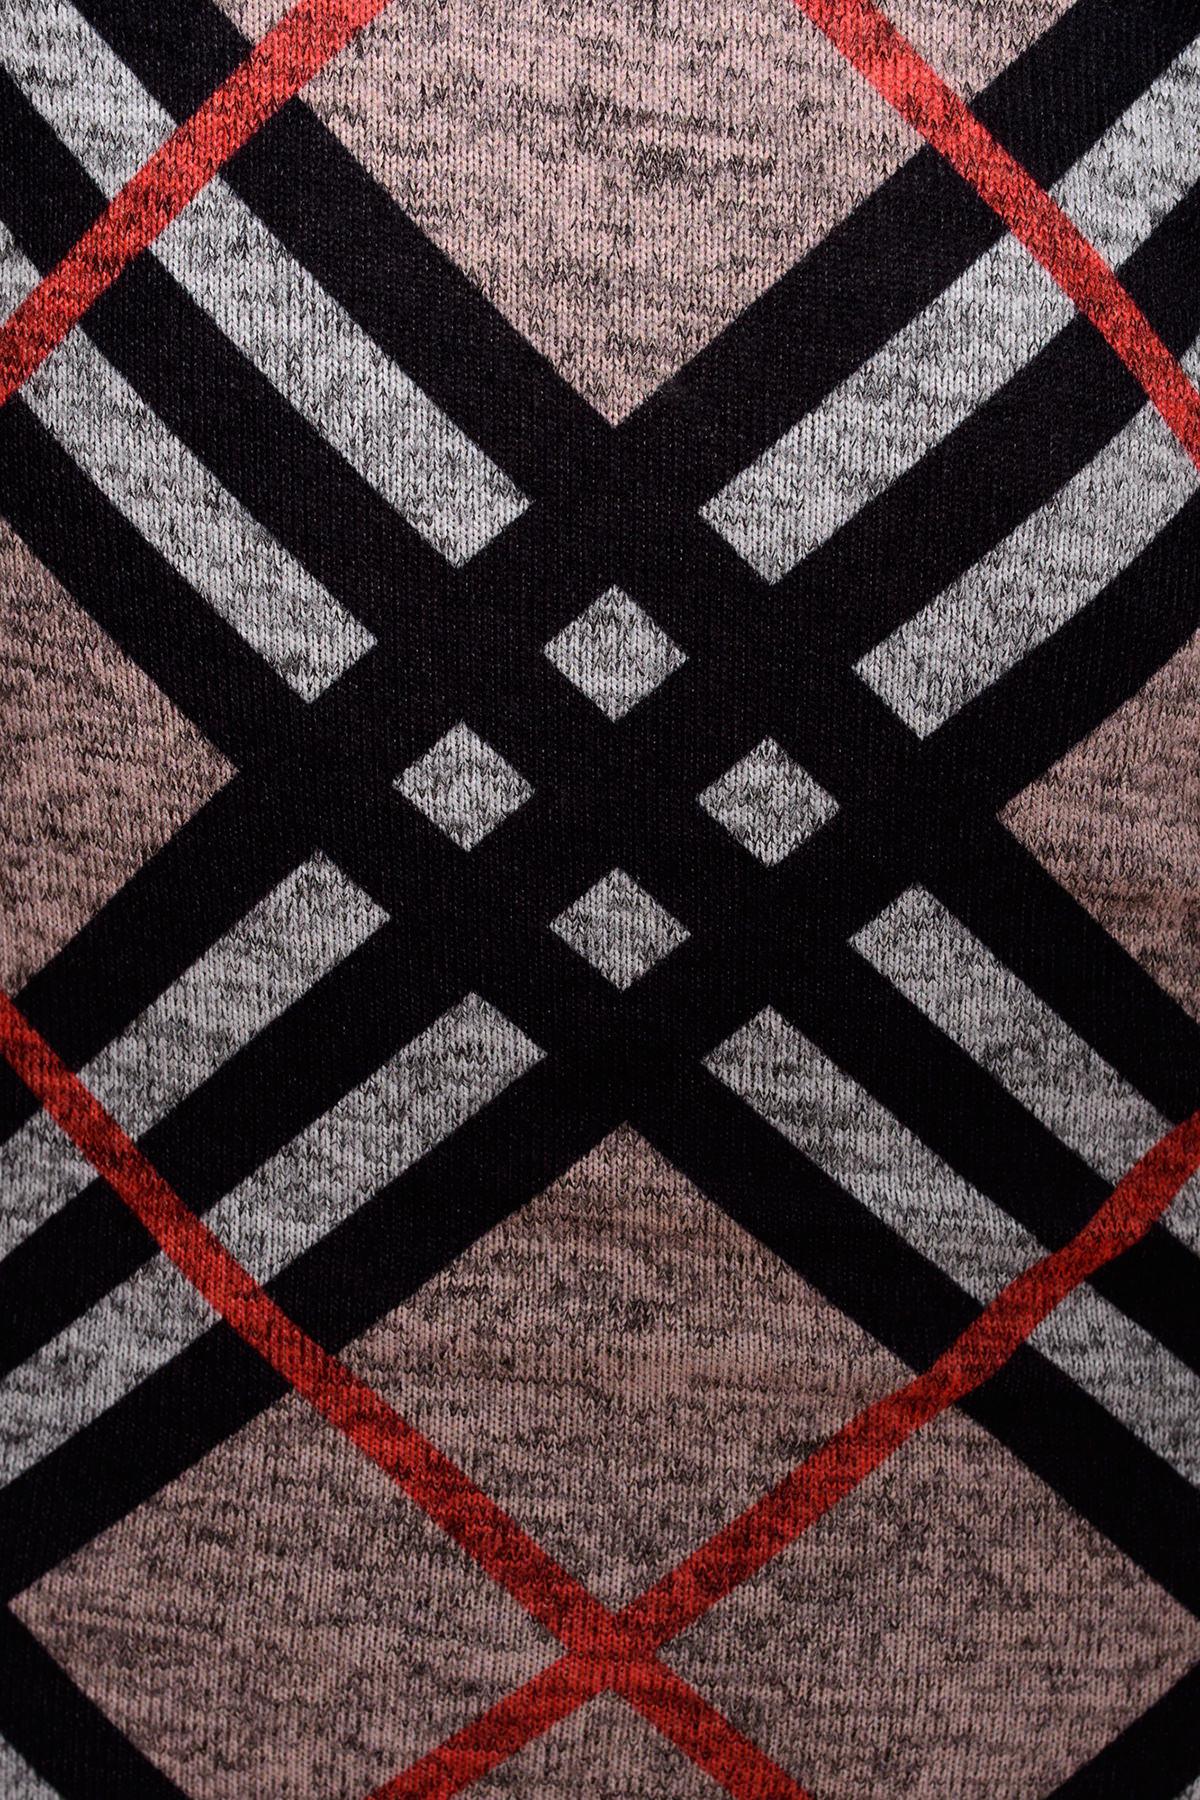 Платье 4183 АРТ. 9257 Цвет: Серый / черный - фото 4, интернет магазин tm-modus.ru